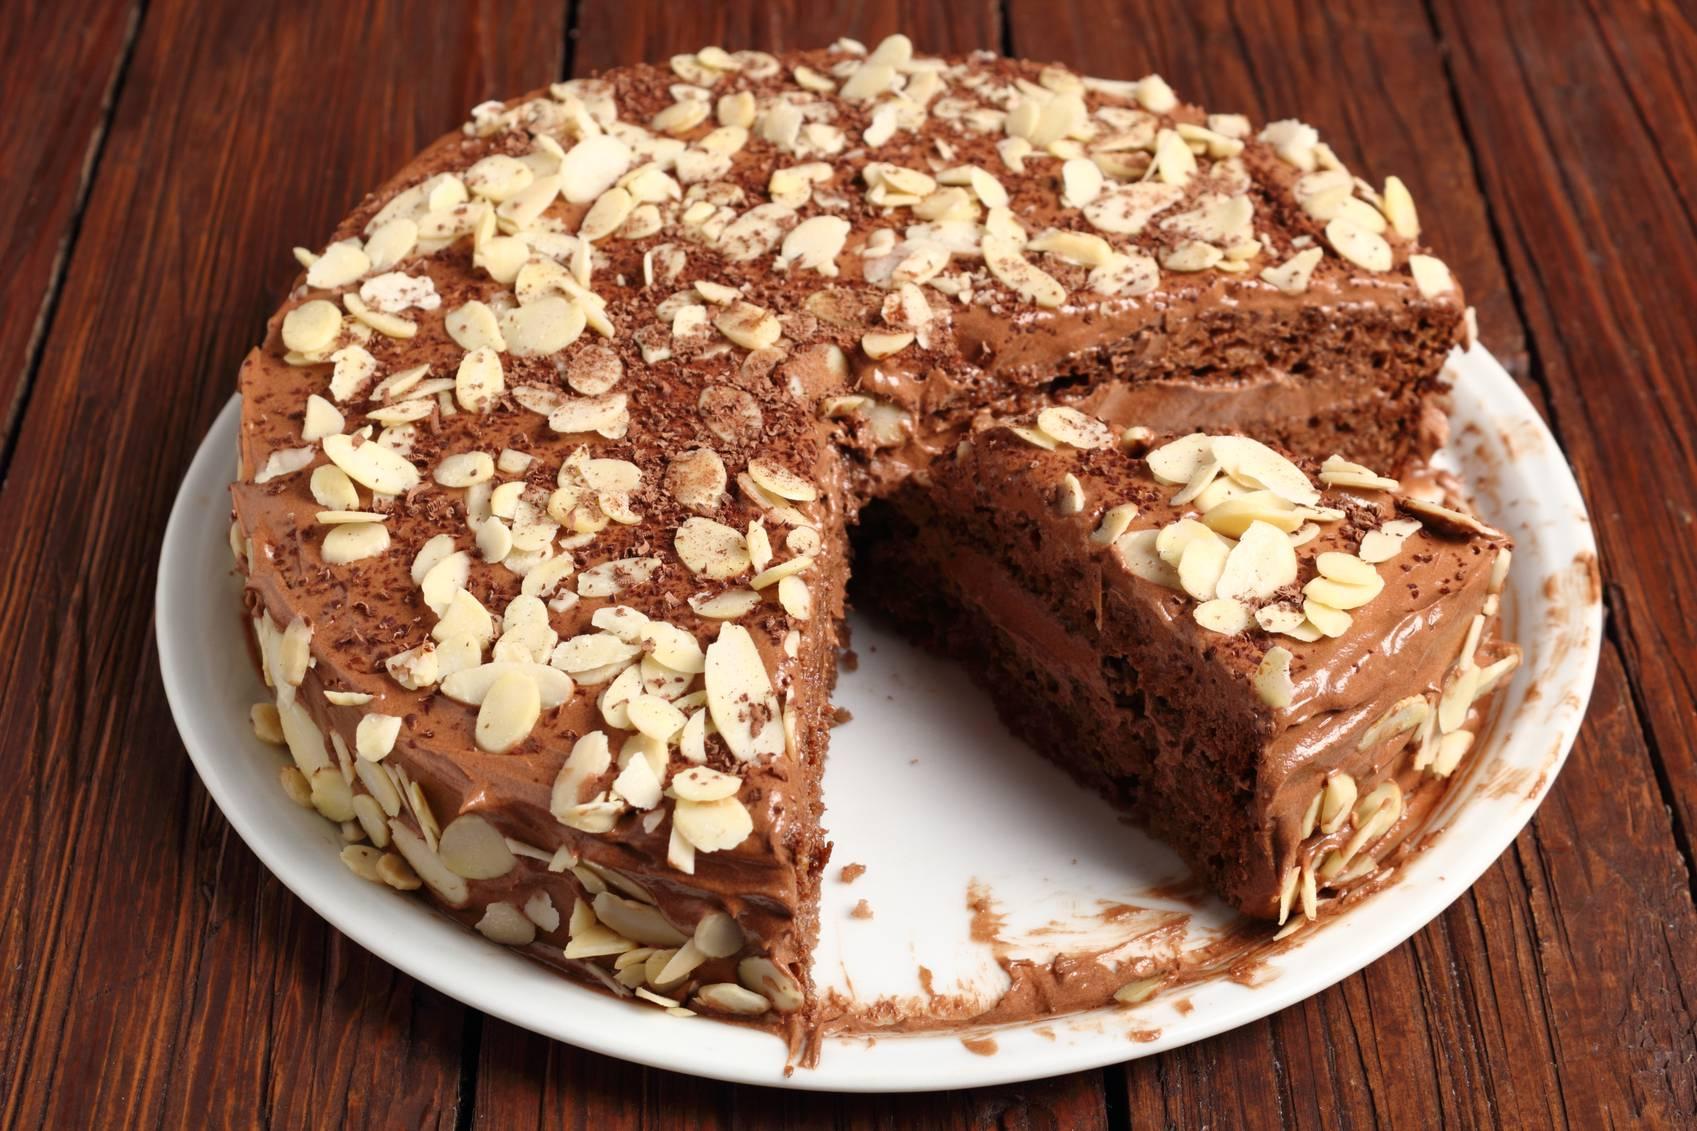 Torta con Crema al Cioccolato e Mandorle | Ricetta Super Golosa